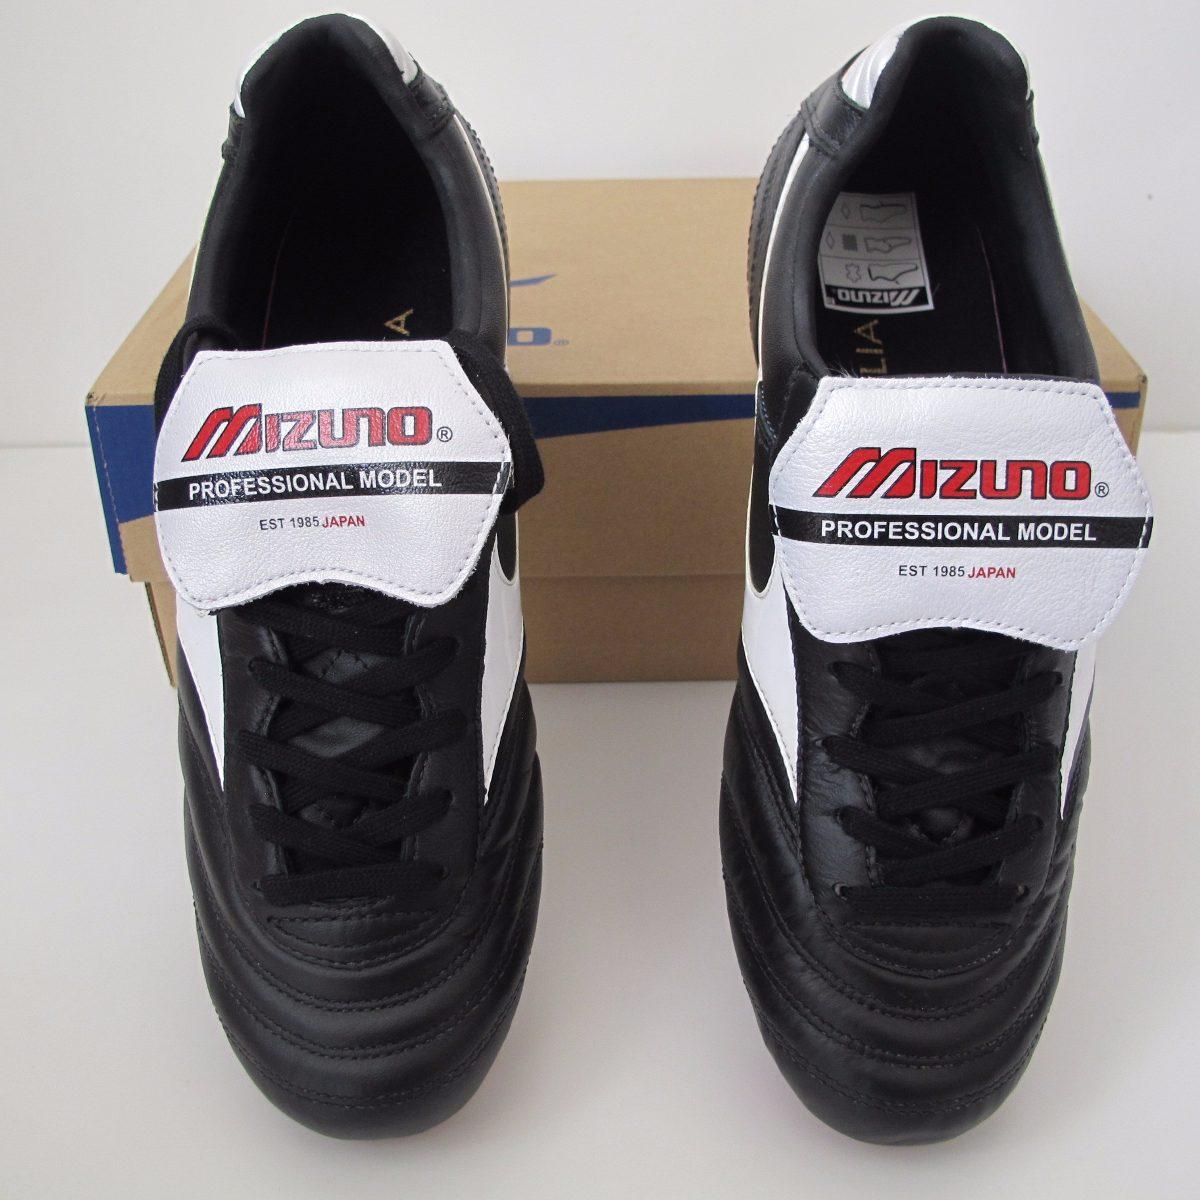 7d1e2f2c9e682 Chuteira Mizuno Morelia Sg Sl Pro Elite Couro Canguru - R$ 899,00 em ...